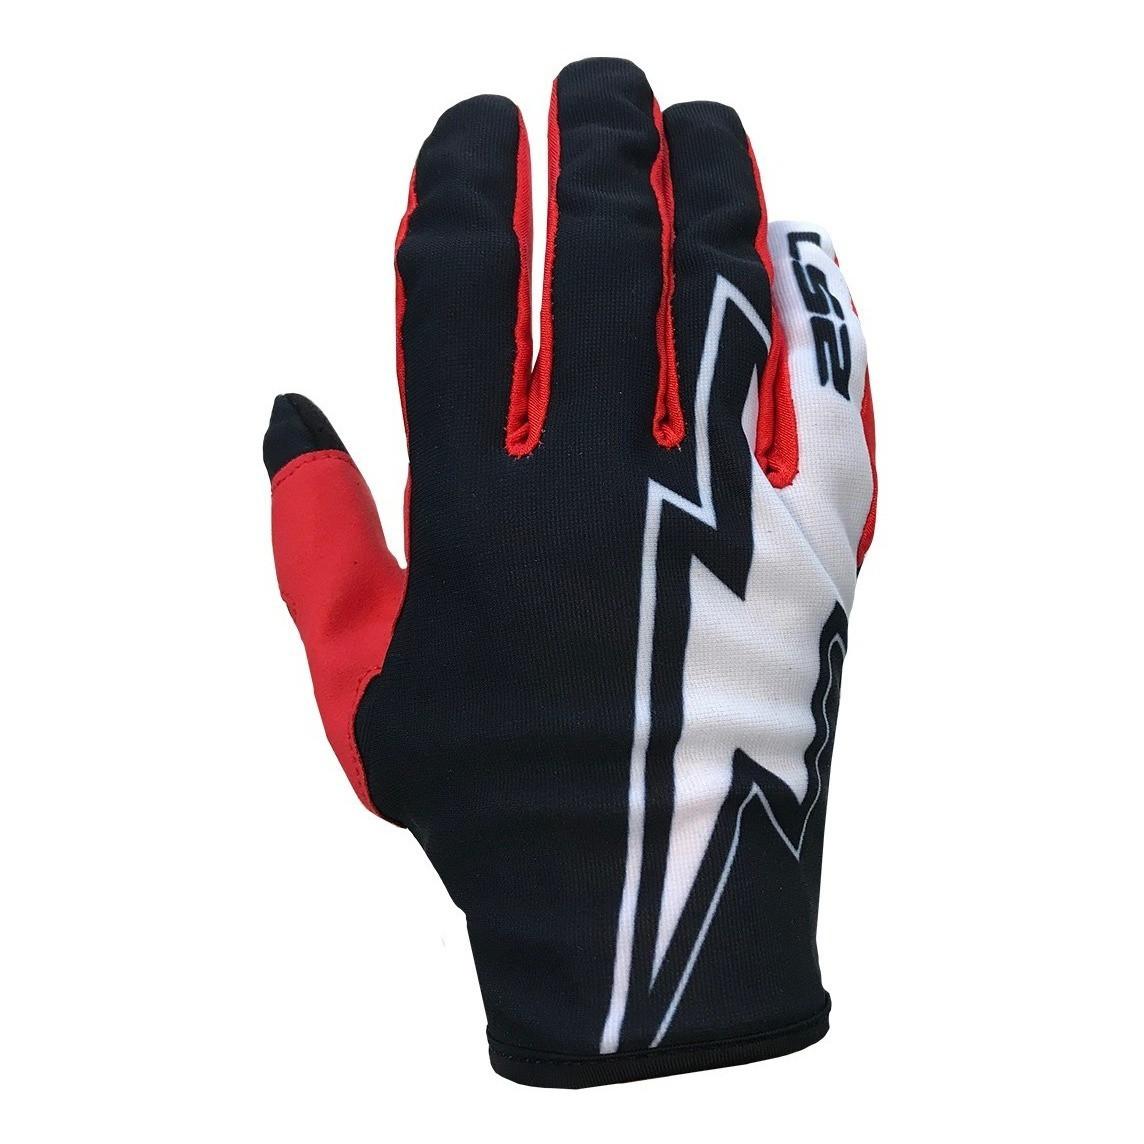 Guantes de Motocross Ls2 Ranger Flash MX Negro Rojo